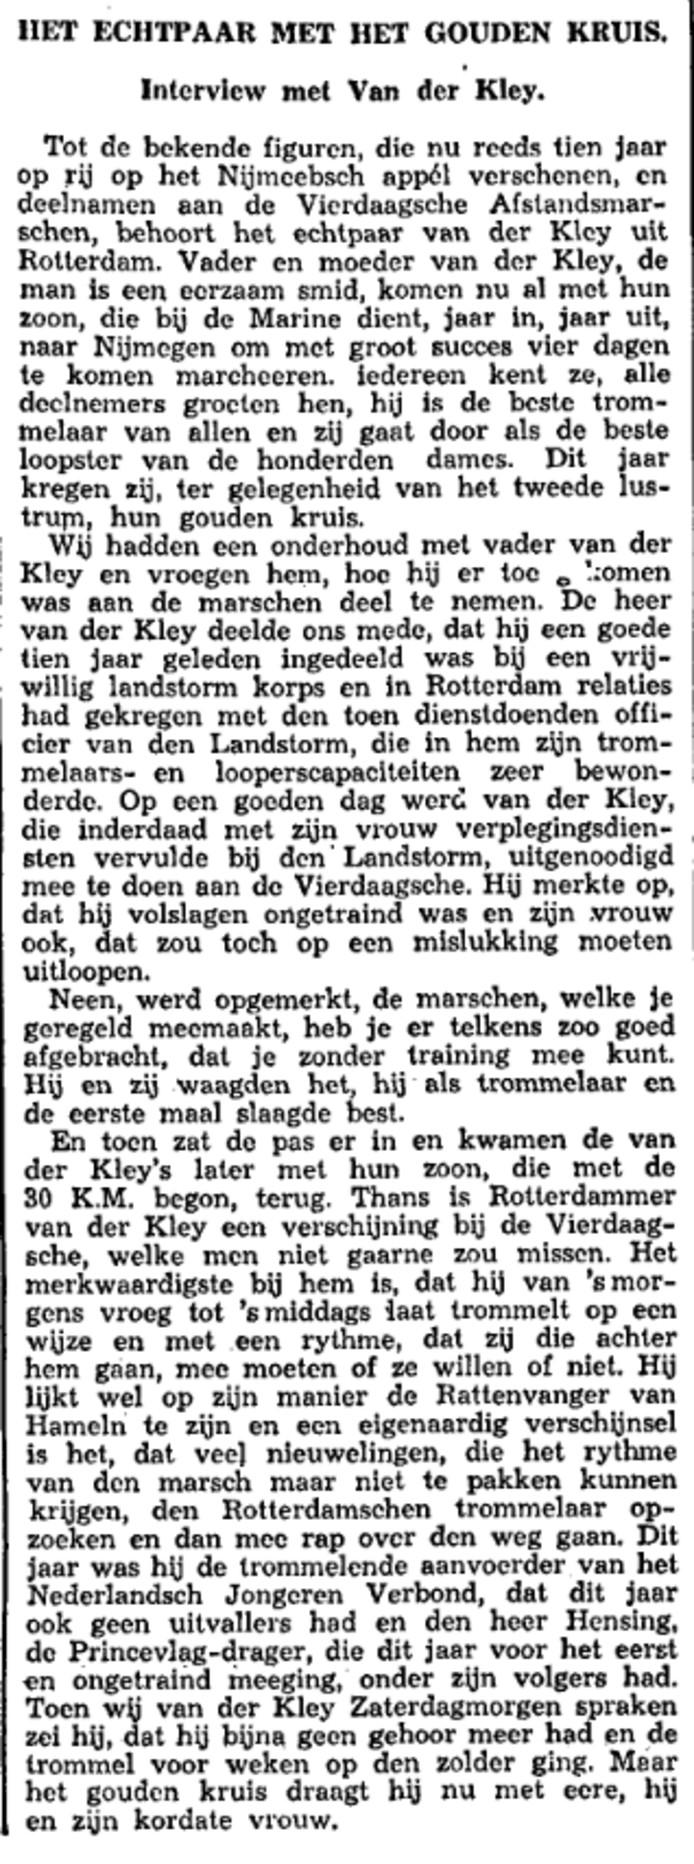 Het interview met de heer Van der Kley.